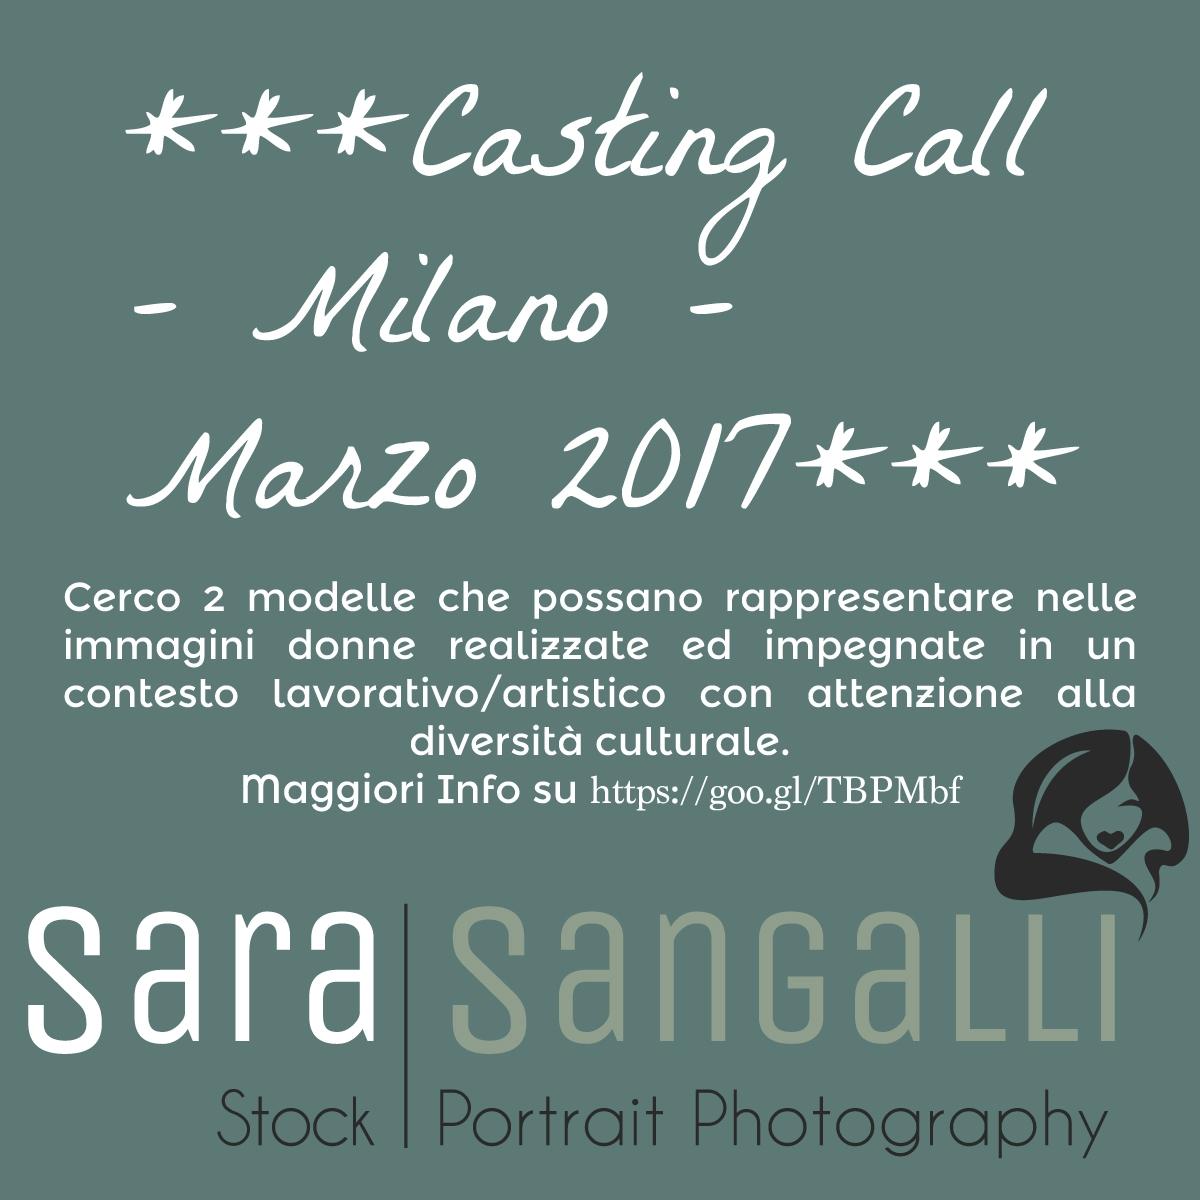 :::::***CASTING CALL – MILANO – MARZO 2017***:::::